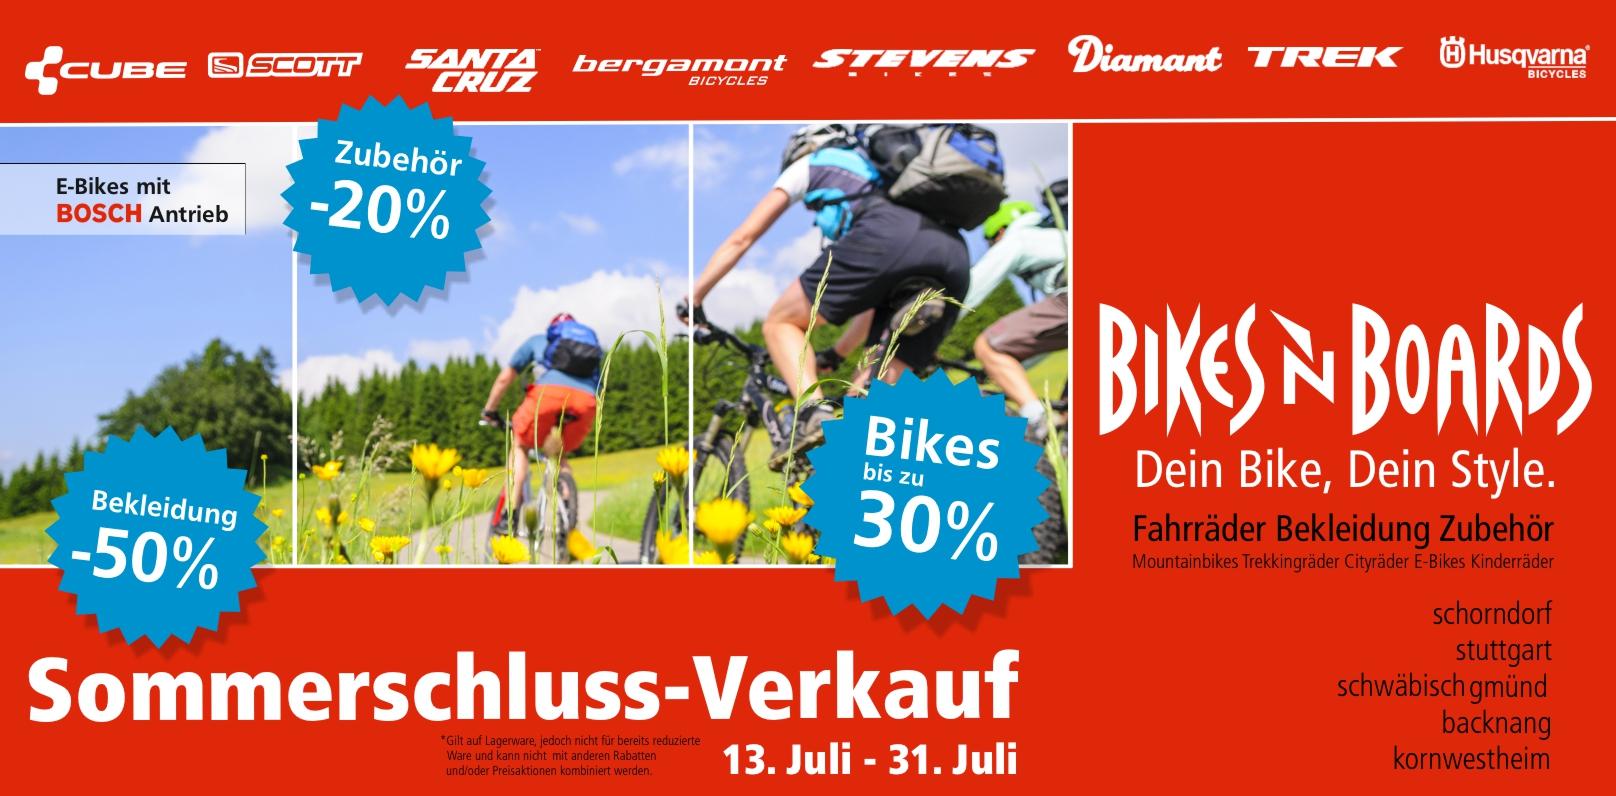 Bikesnboards Schlussverkauf